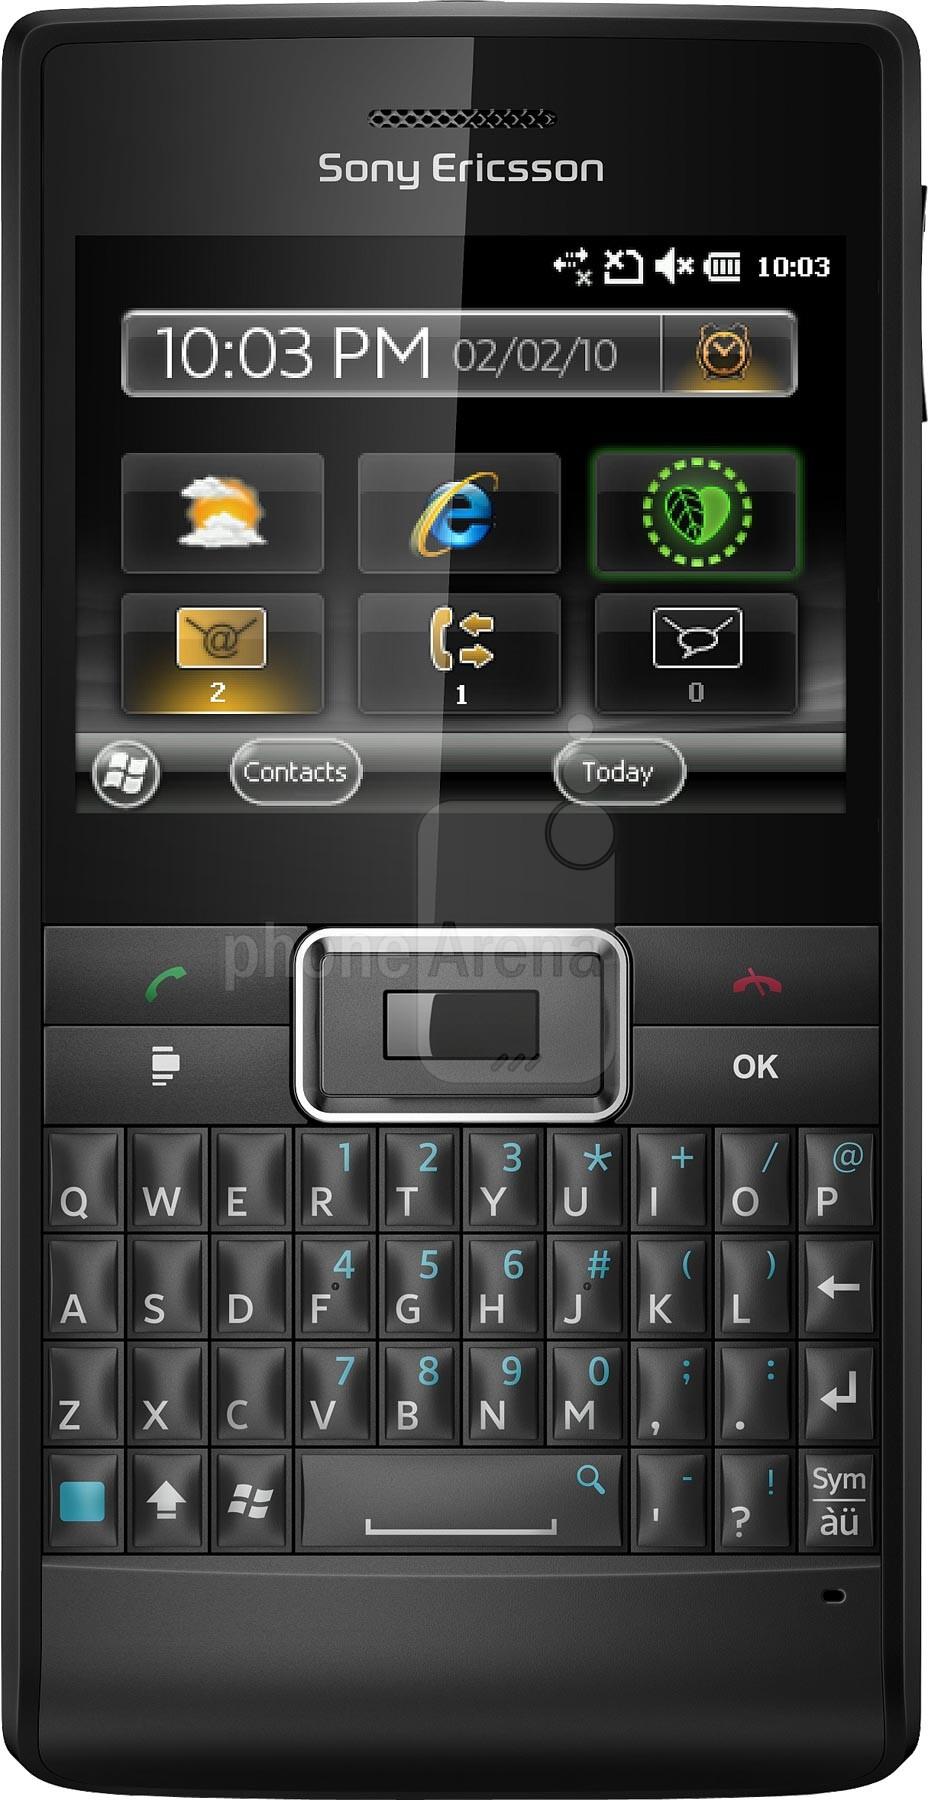 Sony Ericsson Aspen a